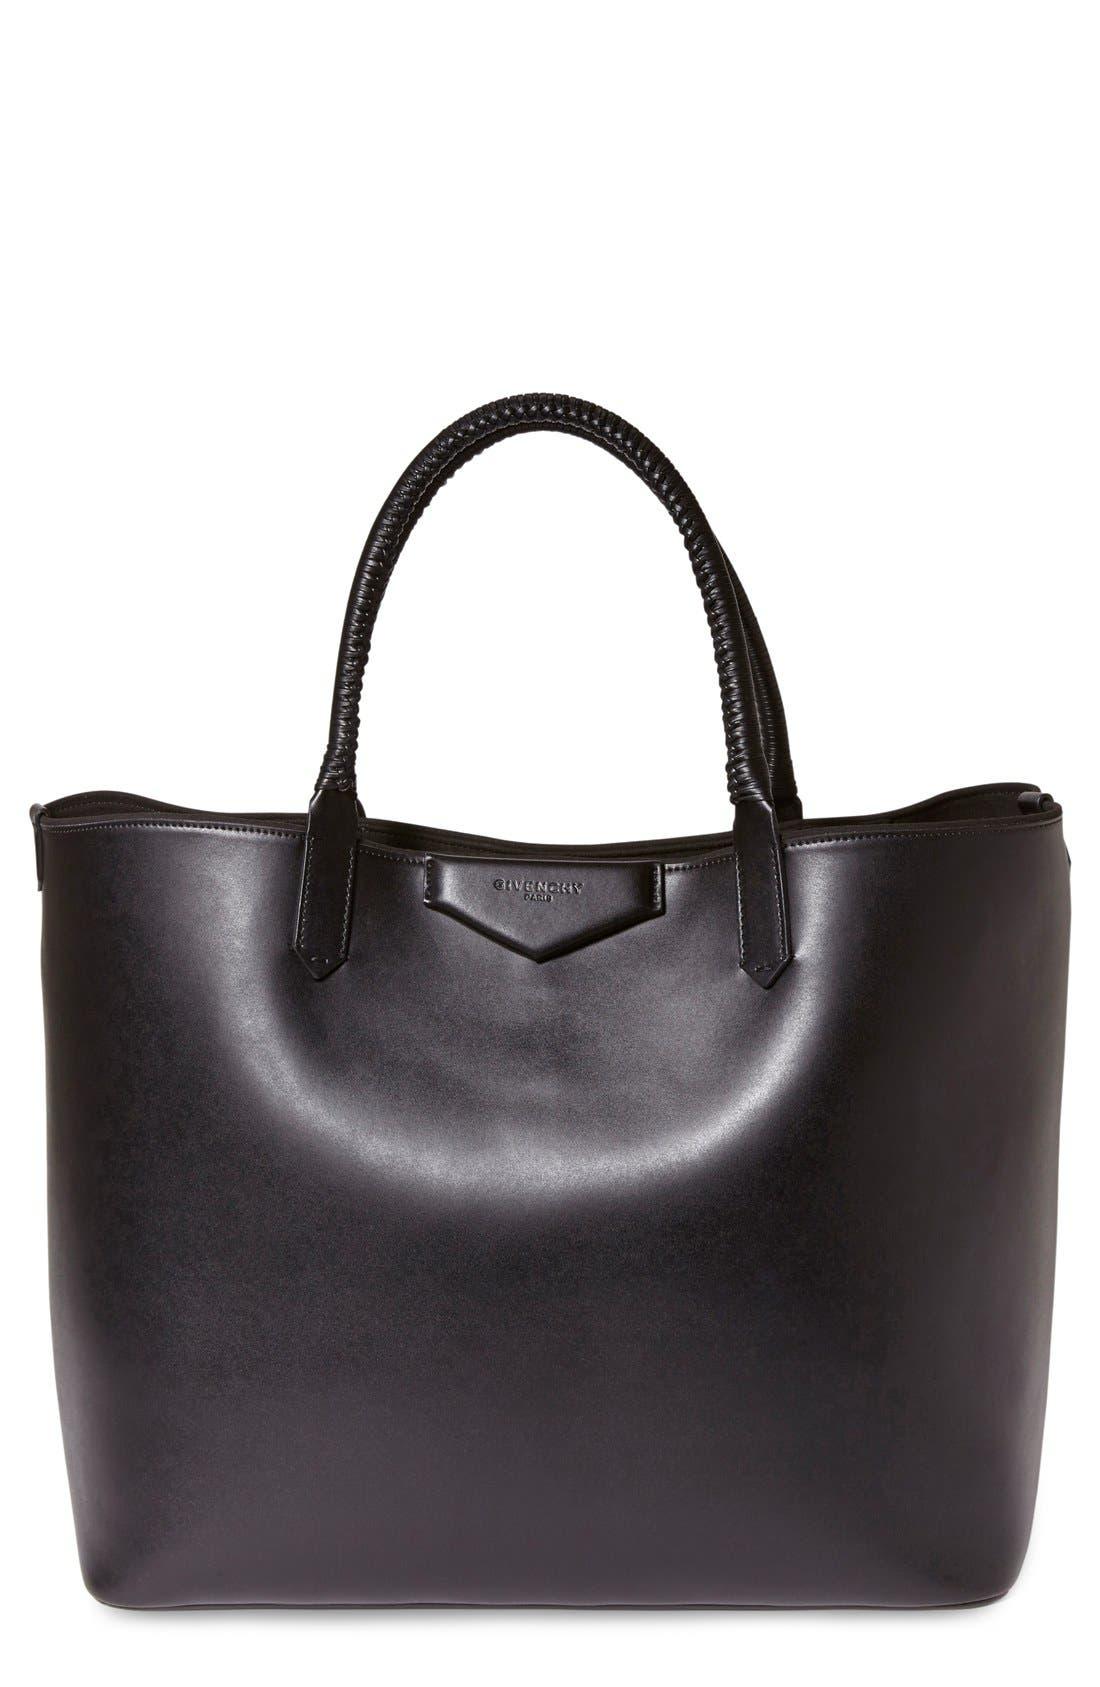 Main Image - Givenchy 'Large Antigona' Leather Shopper